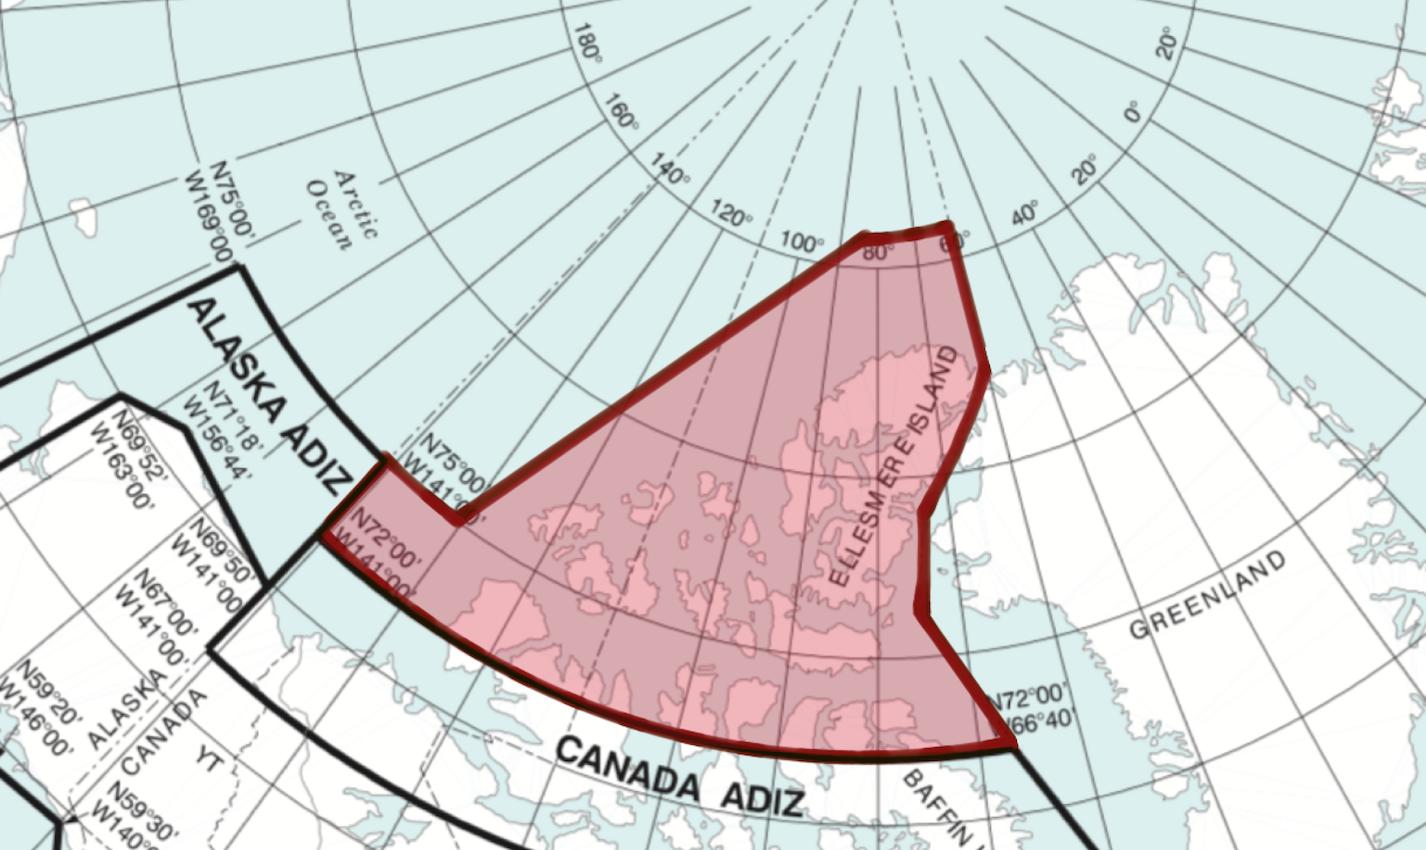 Expanded Canadian ADIZ